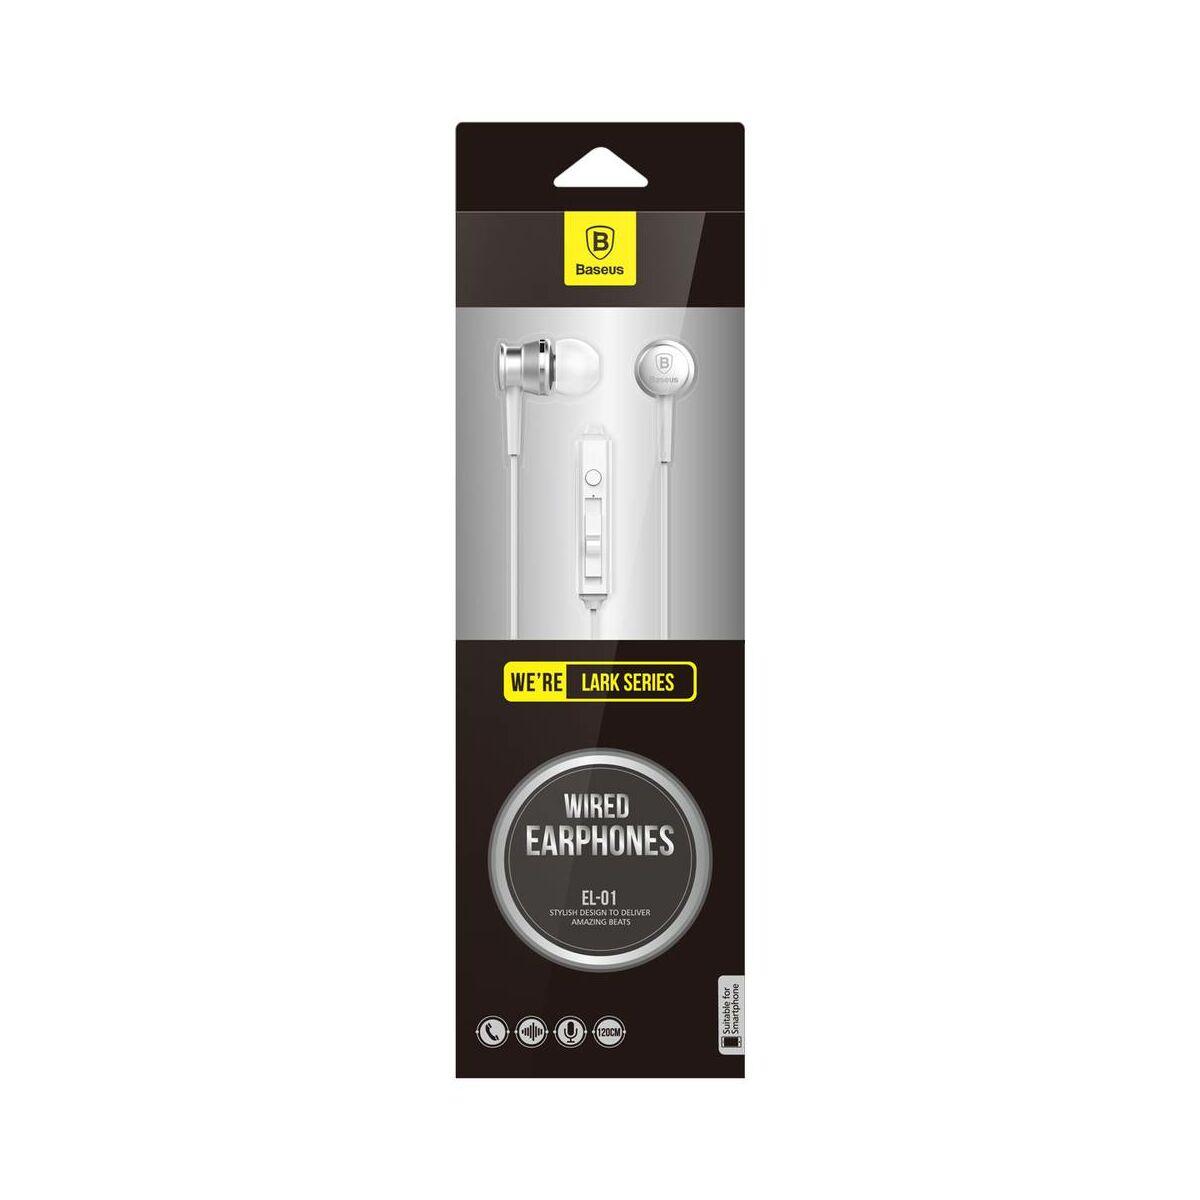 Baseus fülhallgató, Lark series, mini jack, vezetékes, vezérlővel, ezüst (WEBASEEJ-LA0S)